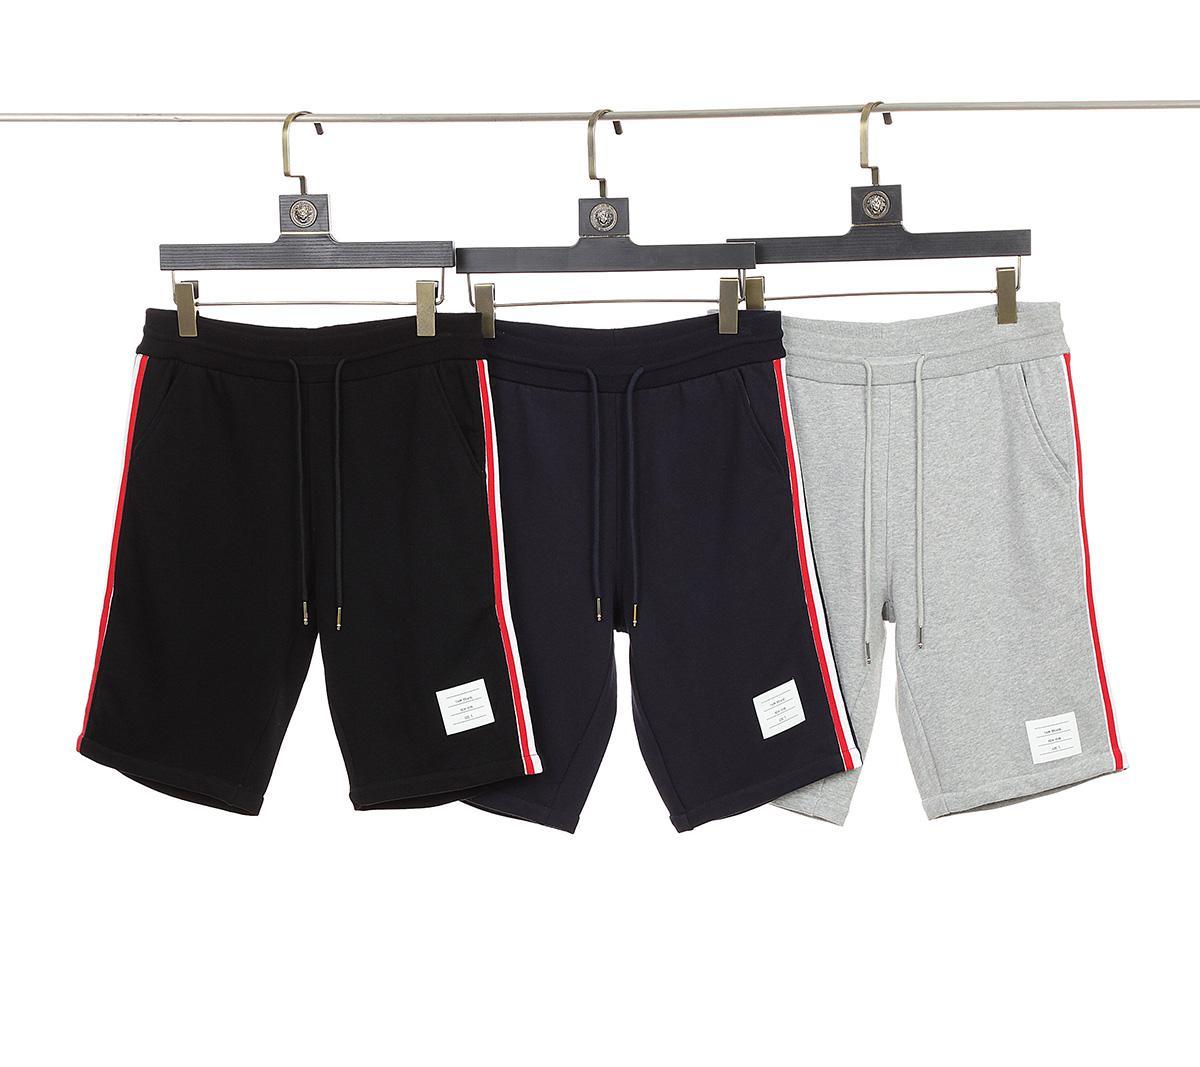 2021 Sommer Herren- und Damen-Shorts Neue Mode-Garn-gefärbte Wabe Vier Bars Gerade Sporthosen